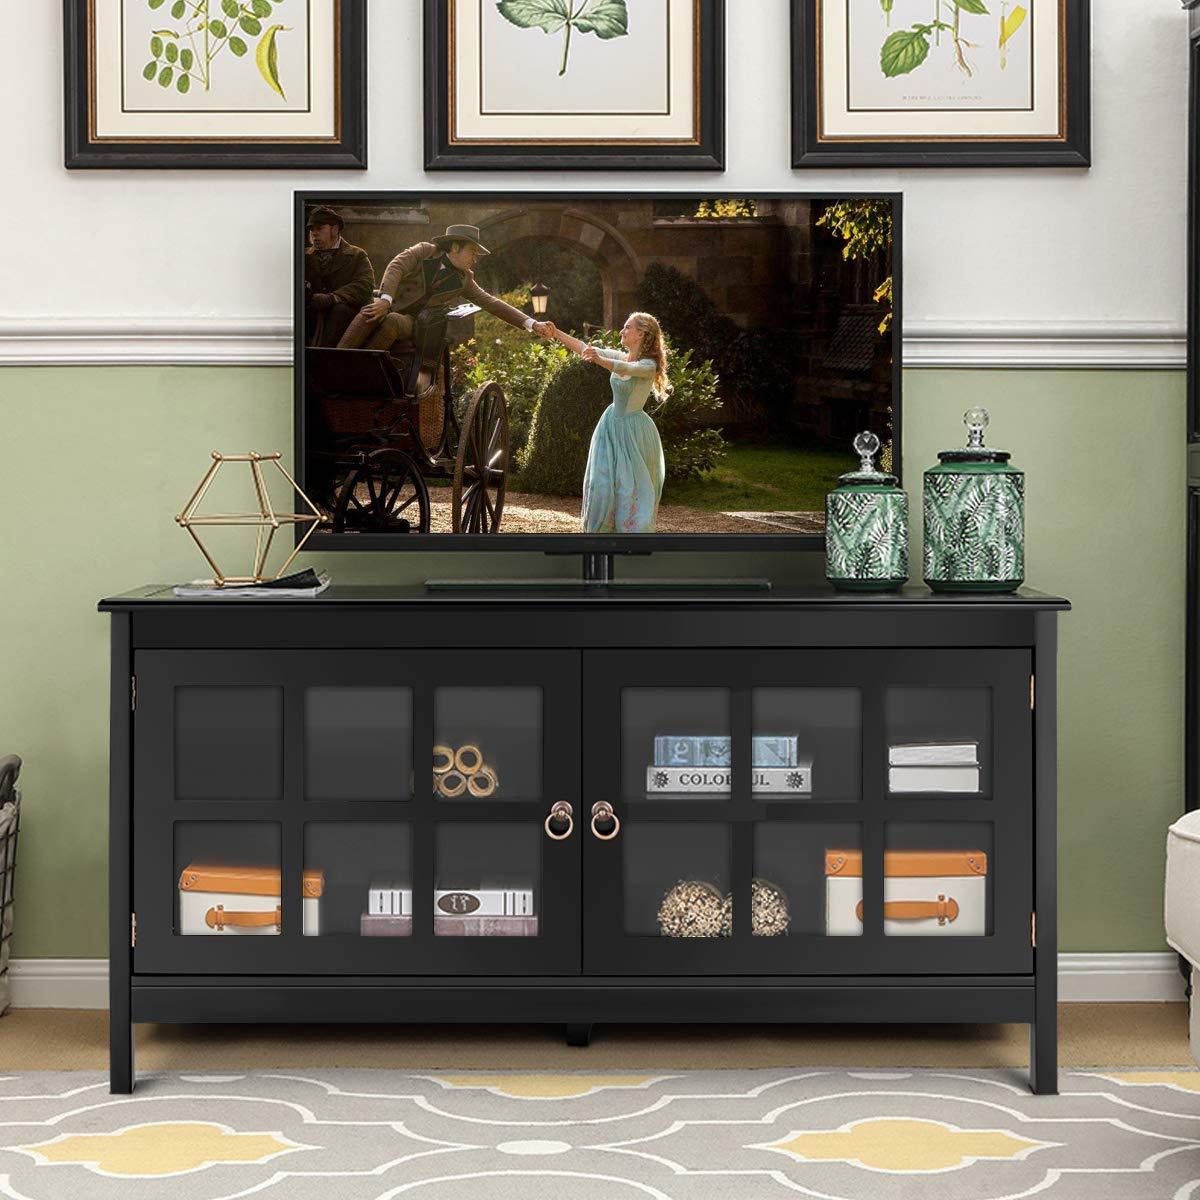 Amazon.com: Tangkula - Soporte para televisor de madera con ...